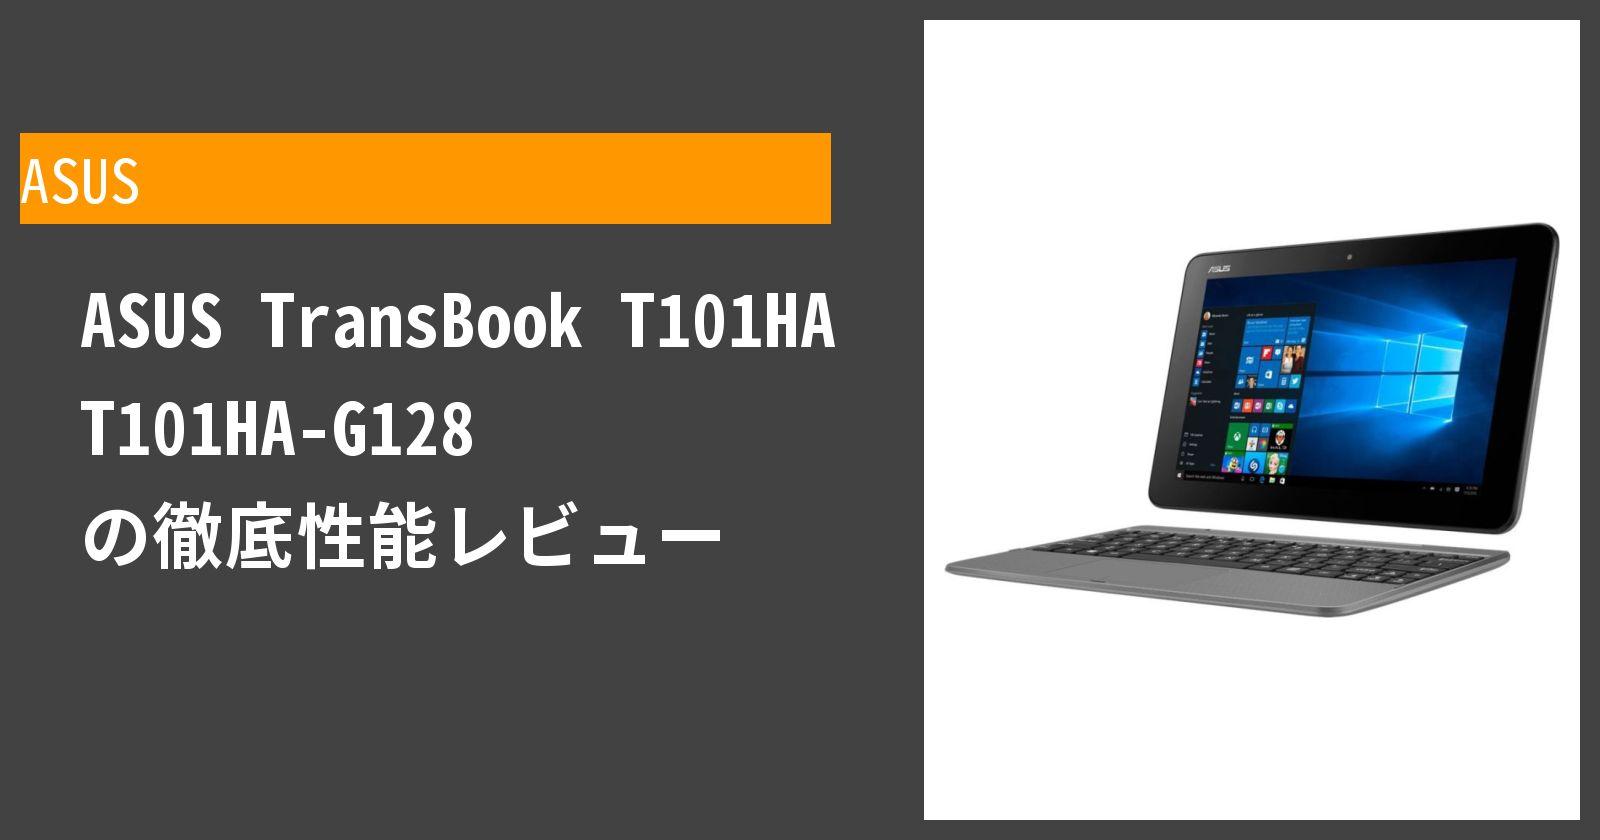 ASUS TransBook T101HA T101HA-G128 の徹底性能レビュー